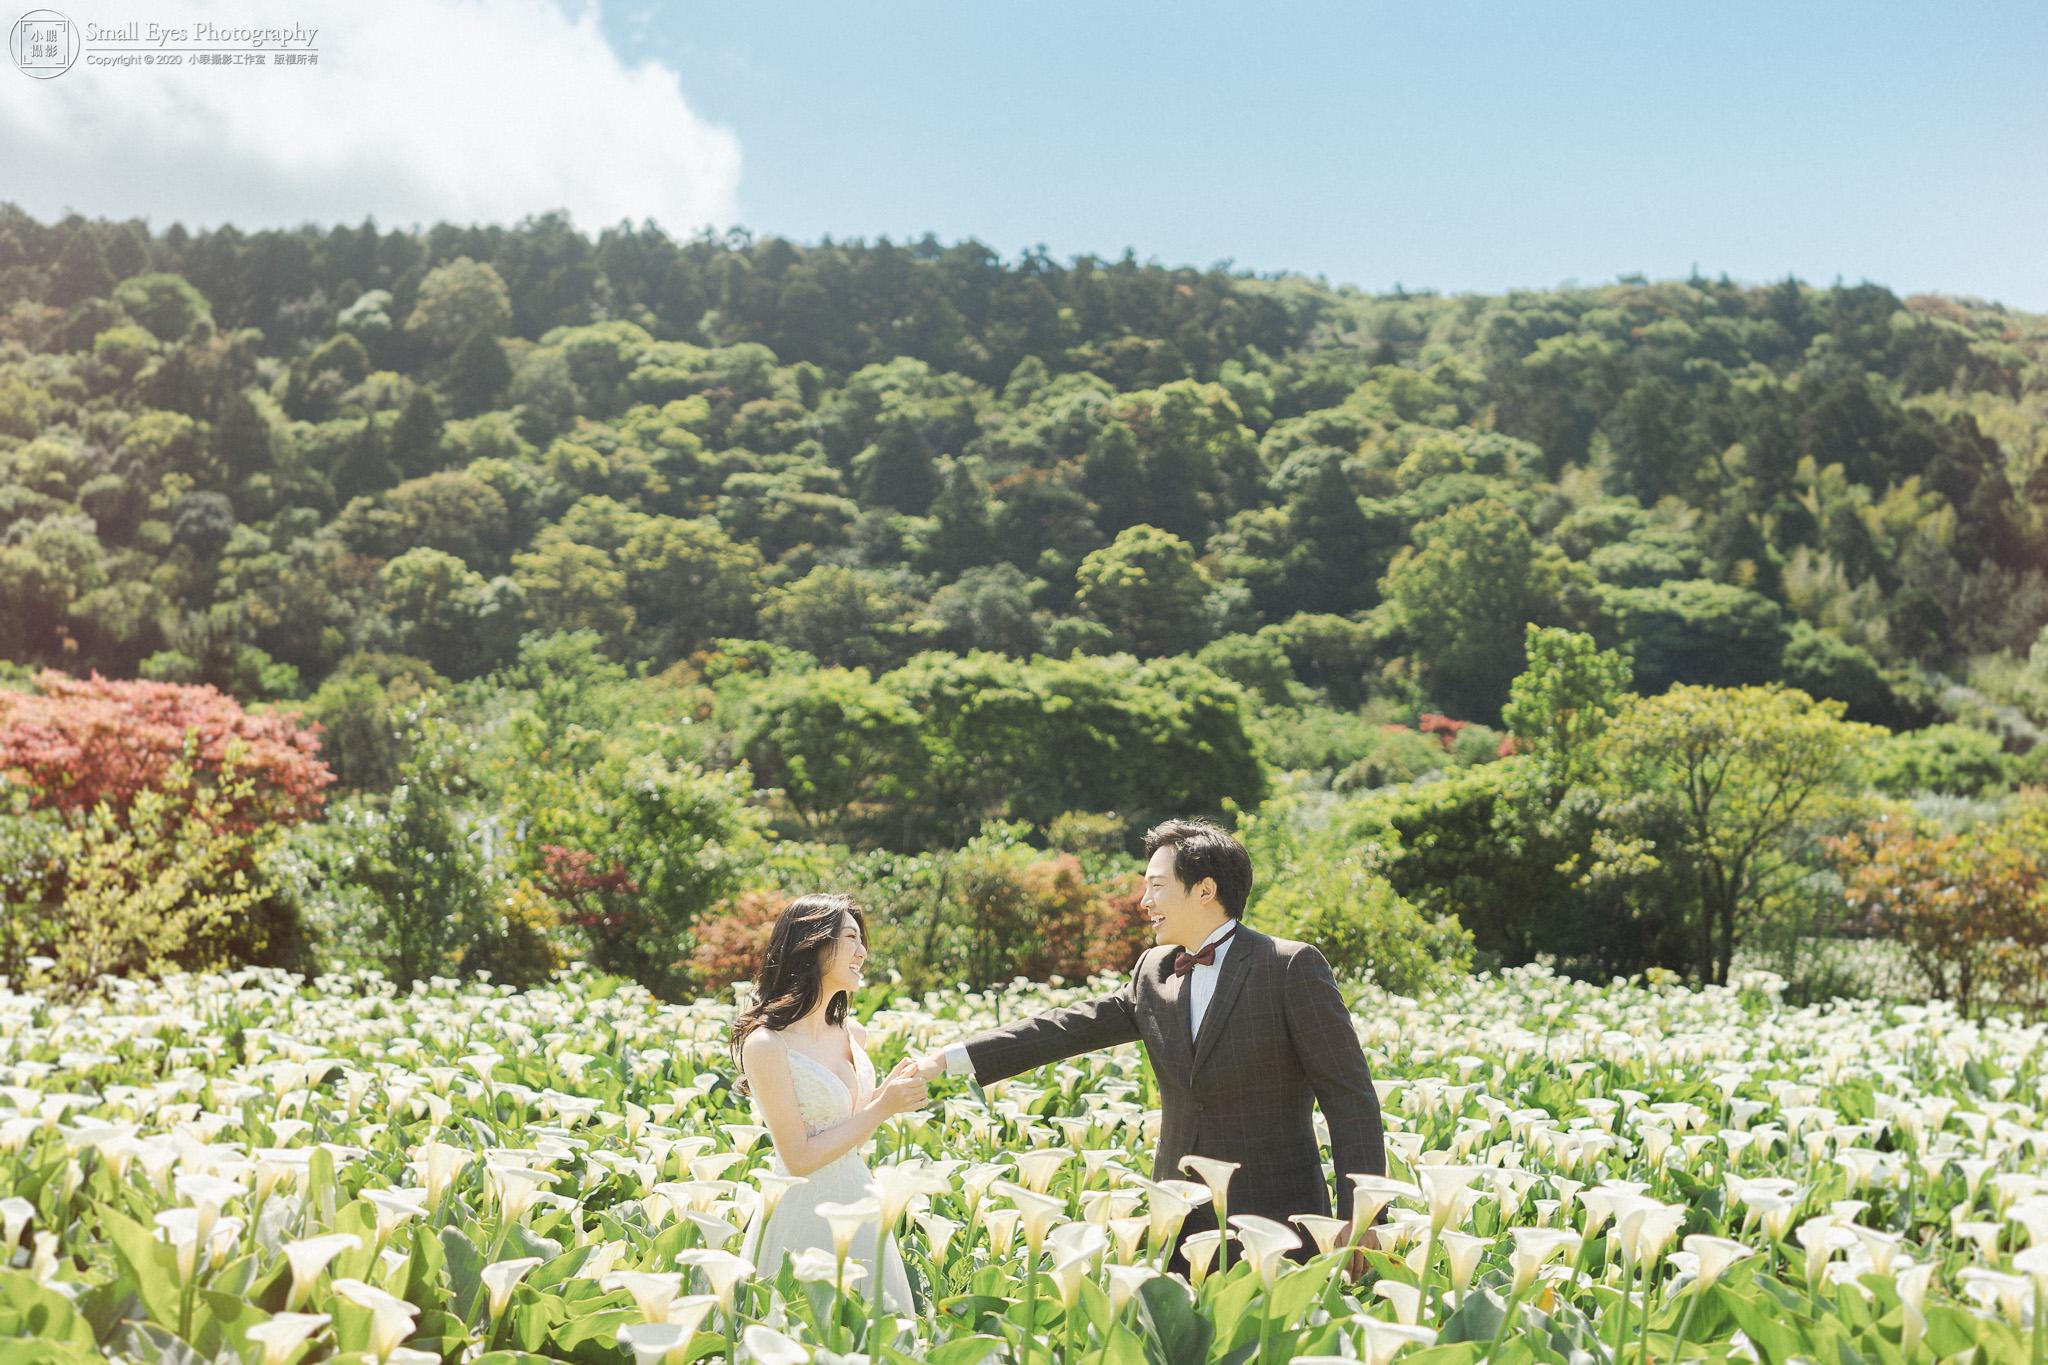 小眼攝影,婚紗攝影,婚攝,吉兒婚紗,新秘瓜瓜,自助婚紗,自主婚紗,台灣,台北,陽明山,竹子湖,海芋季